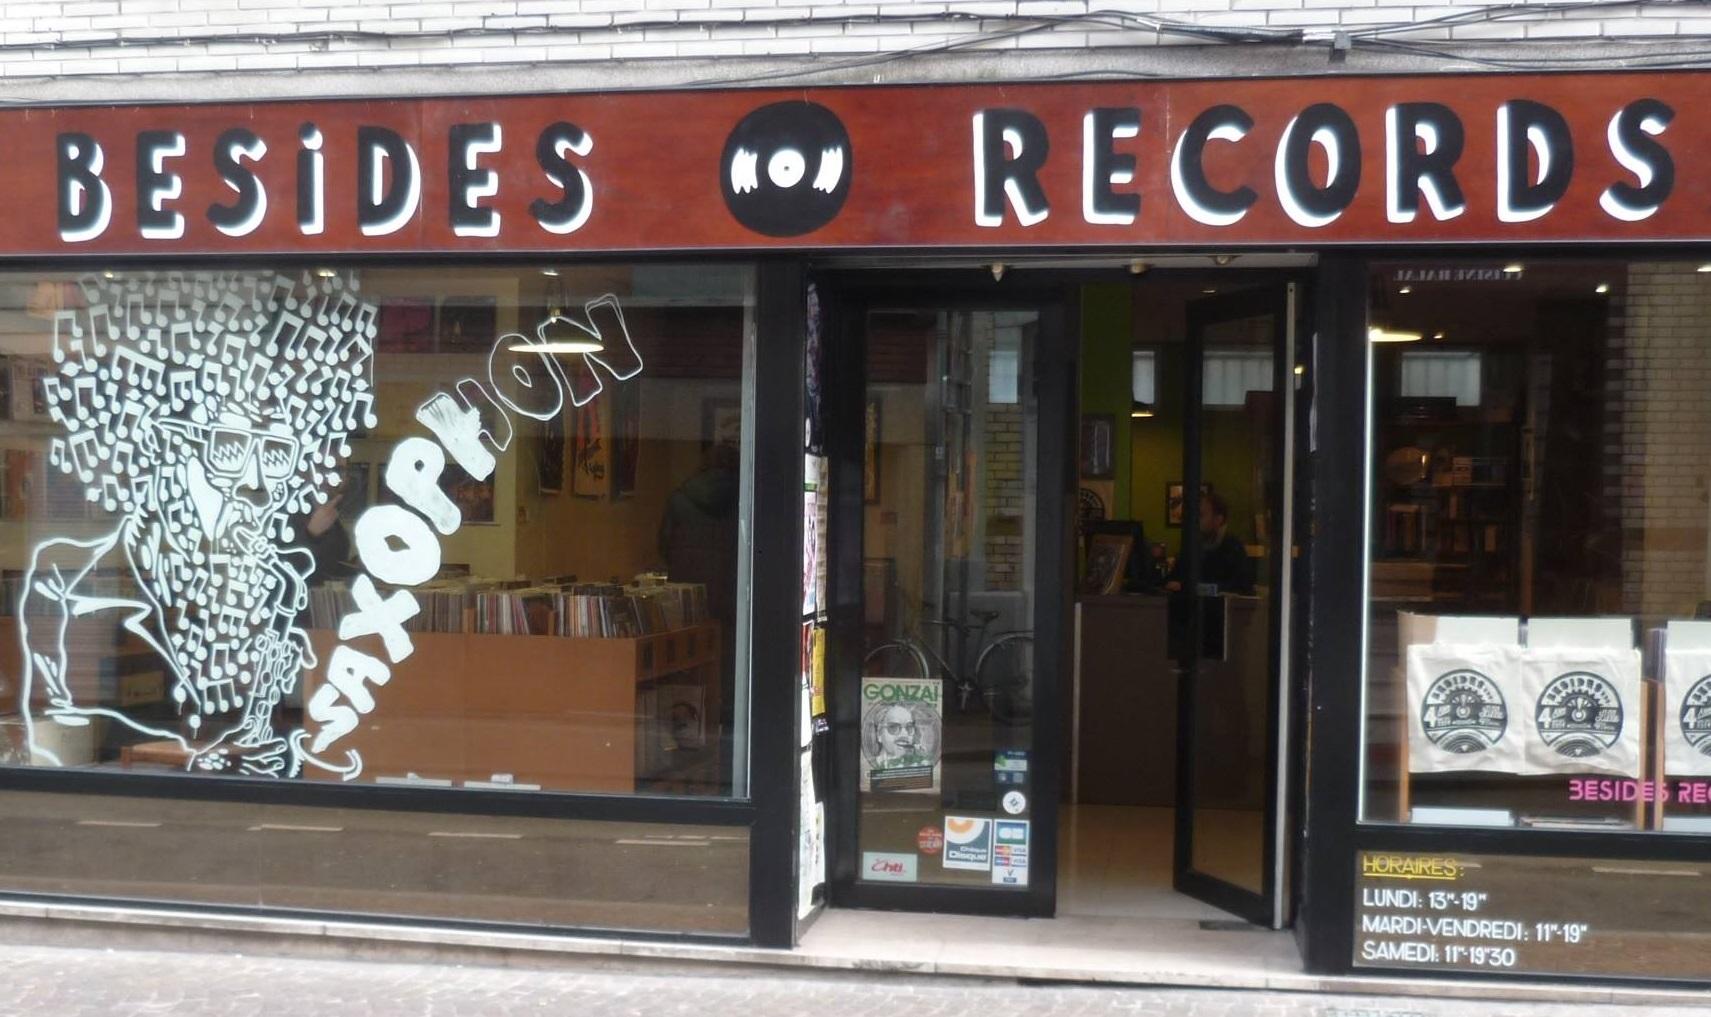 Besides Records facade